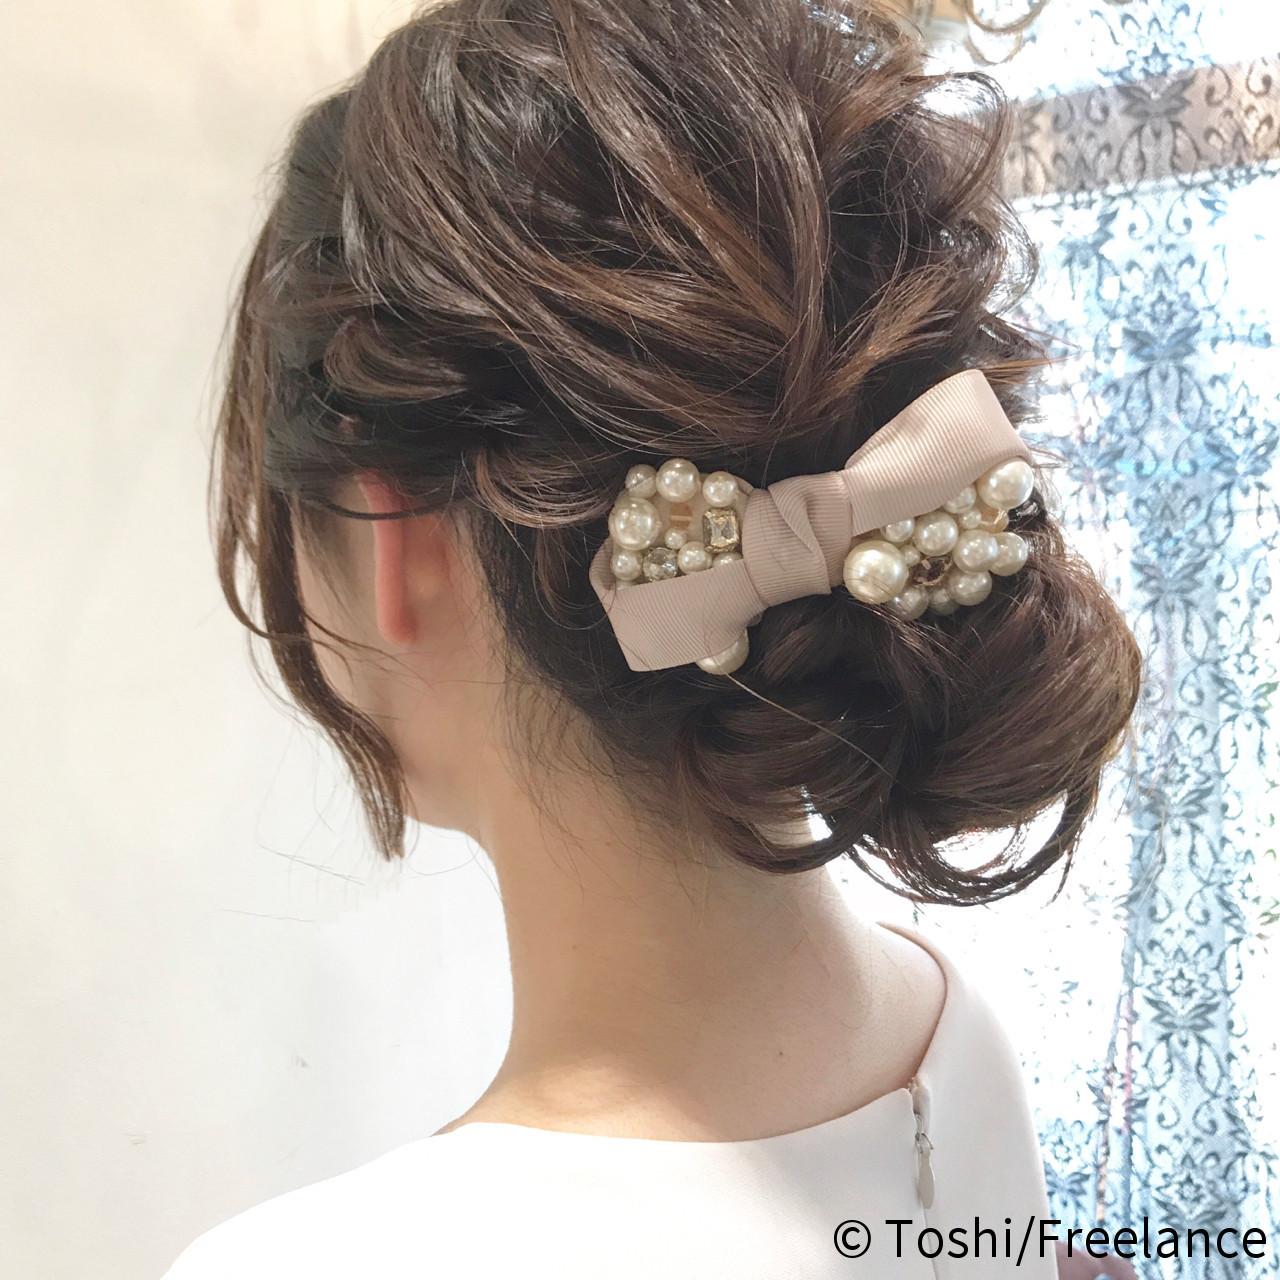 Toshi/Freelance